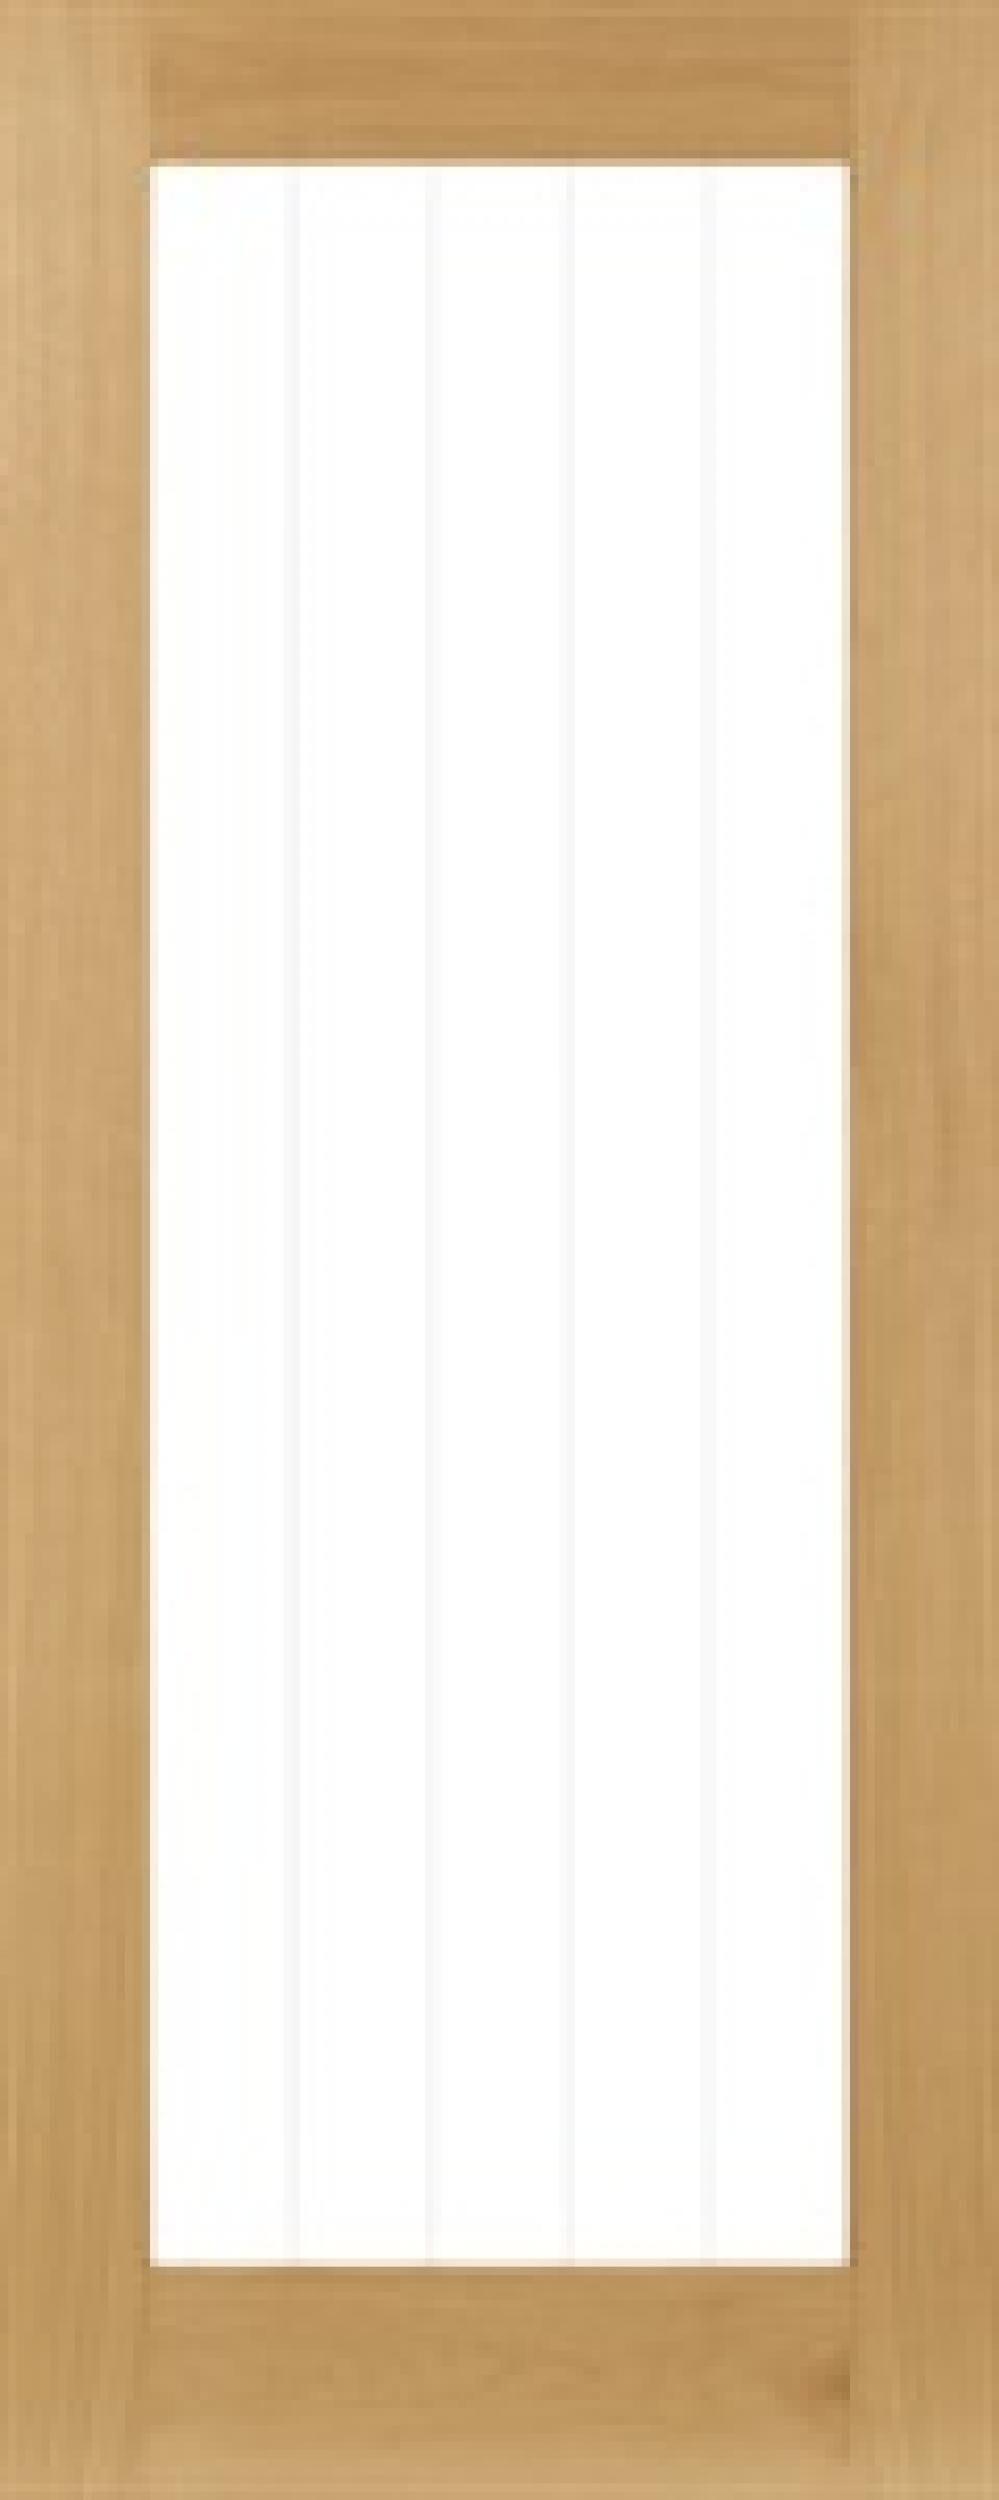 Ely Glazed 1l Door Prefinished  Image